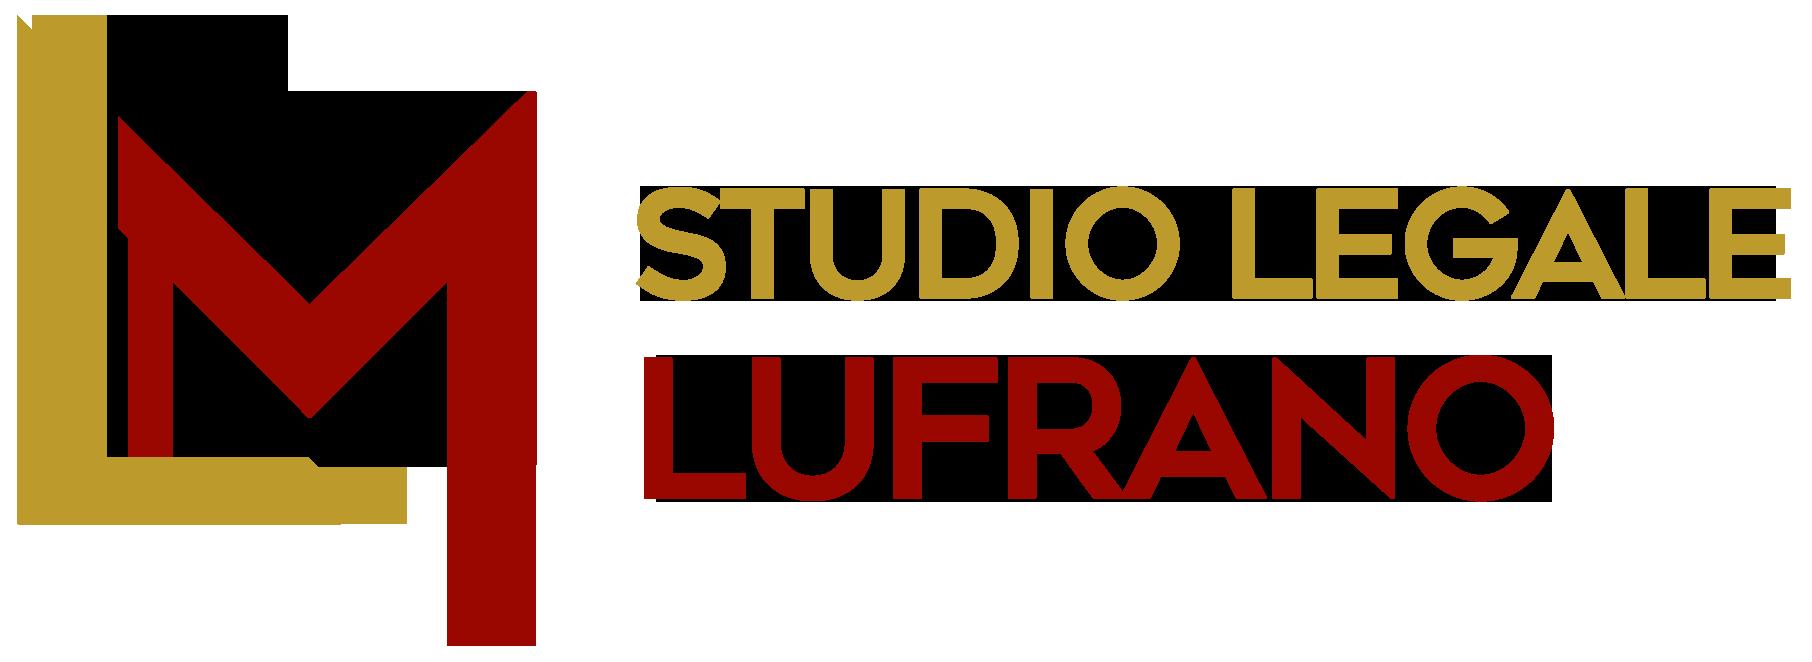 Studio Legale Lufrano